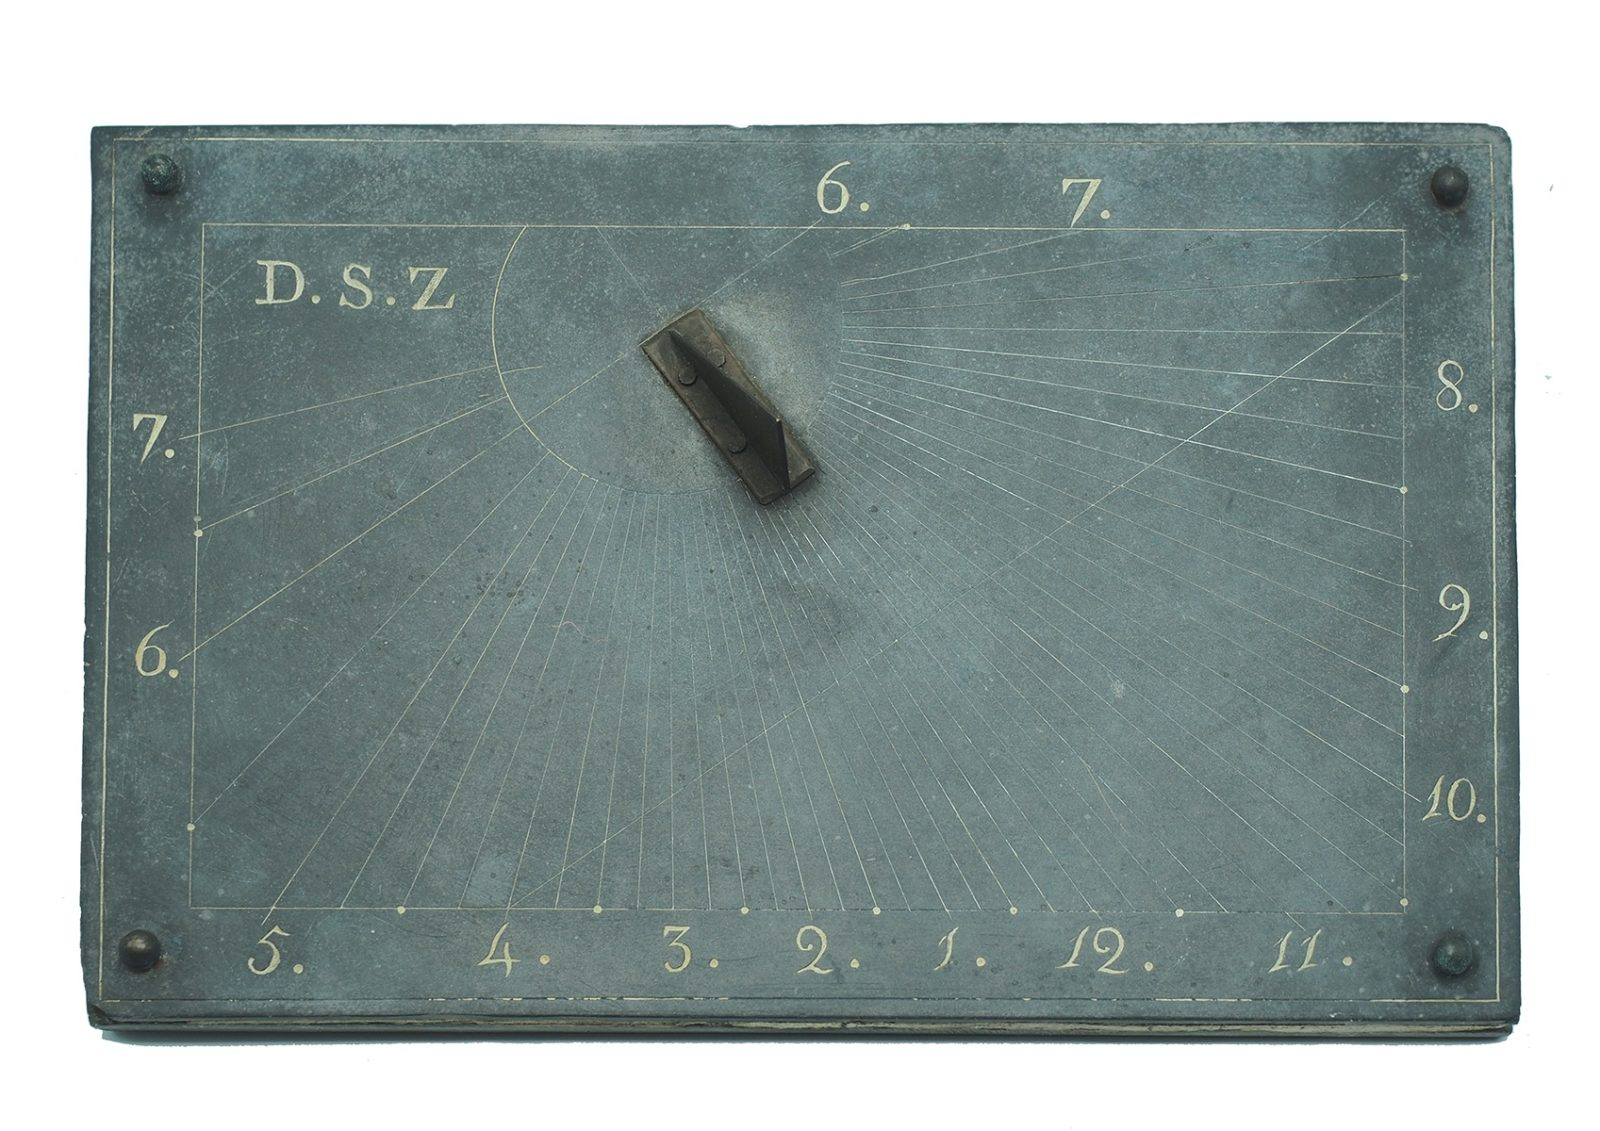 Meridiana da Appoggio con incise iniziali D.S.Z. - Italia, XVIII Secolo